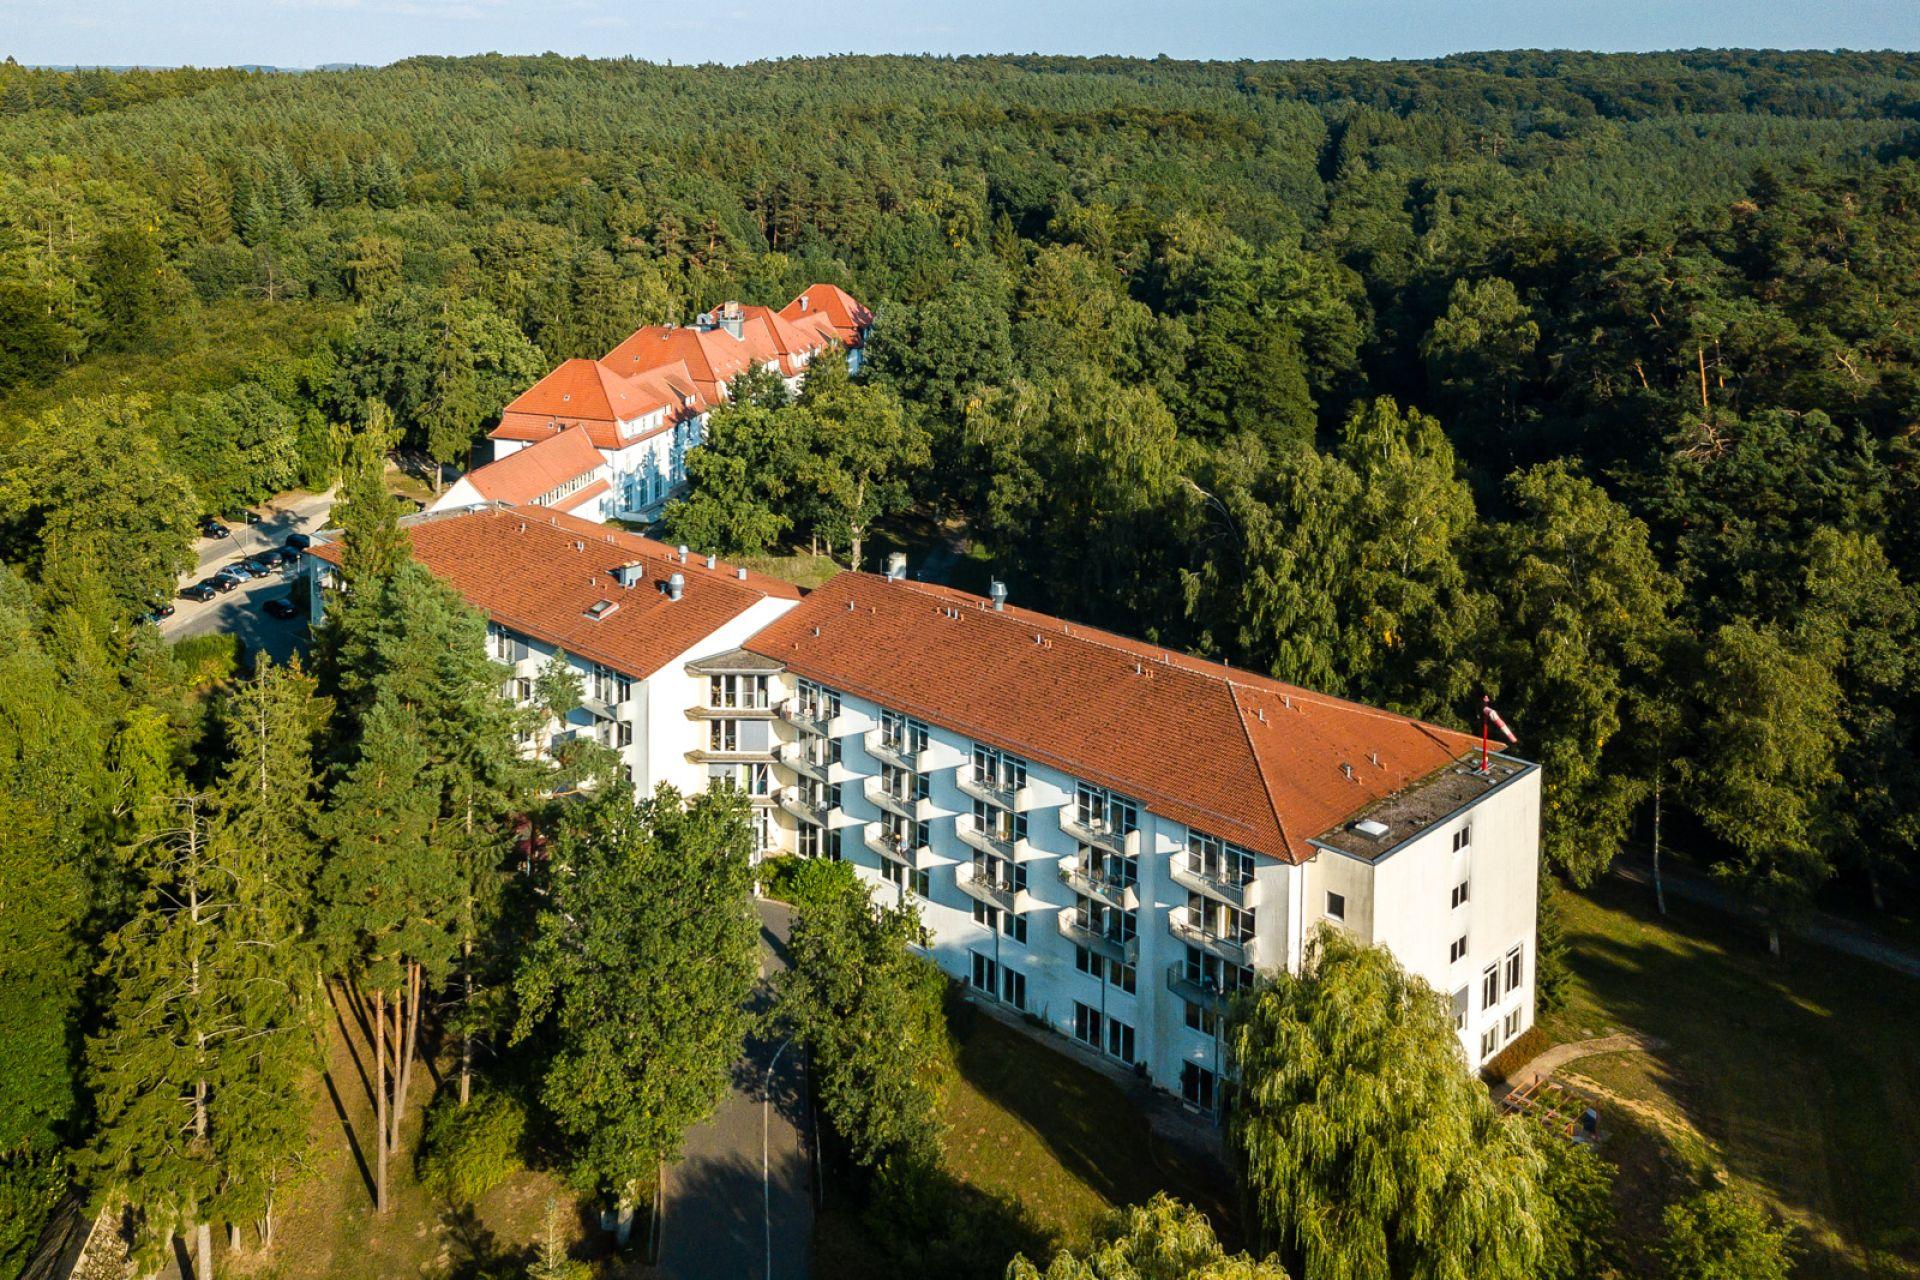 Reha Klinik Waldeck